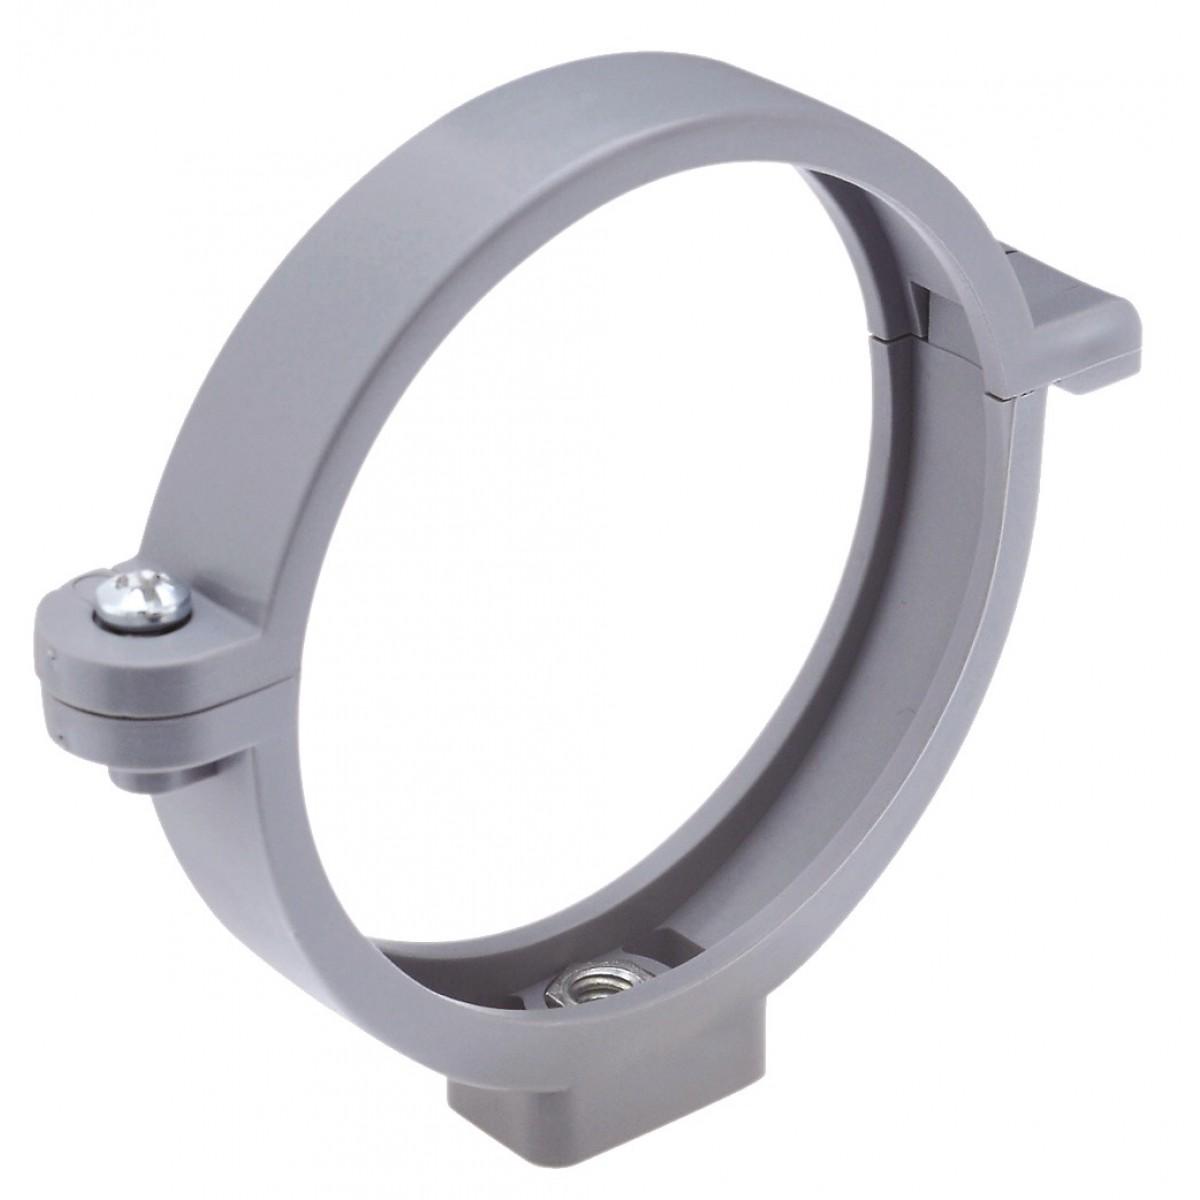 Collier à charnière Girpi - Gris - Diamètre 80 mm